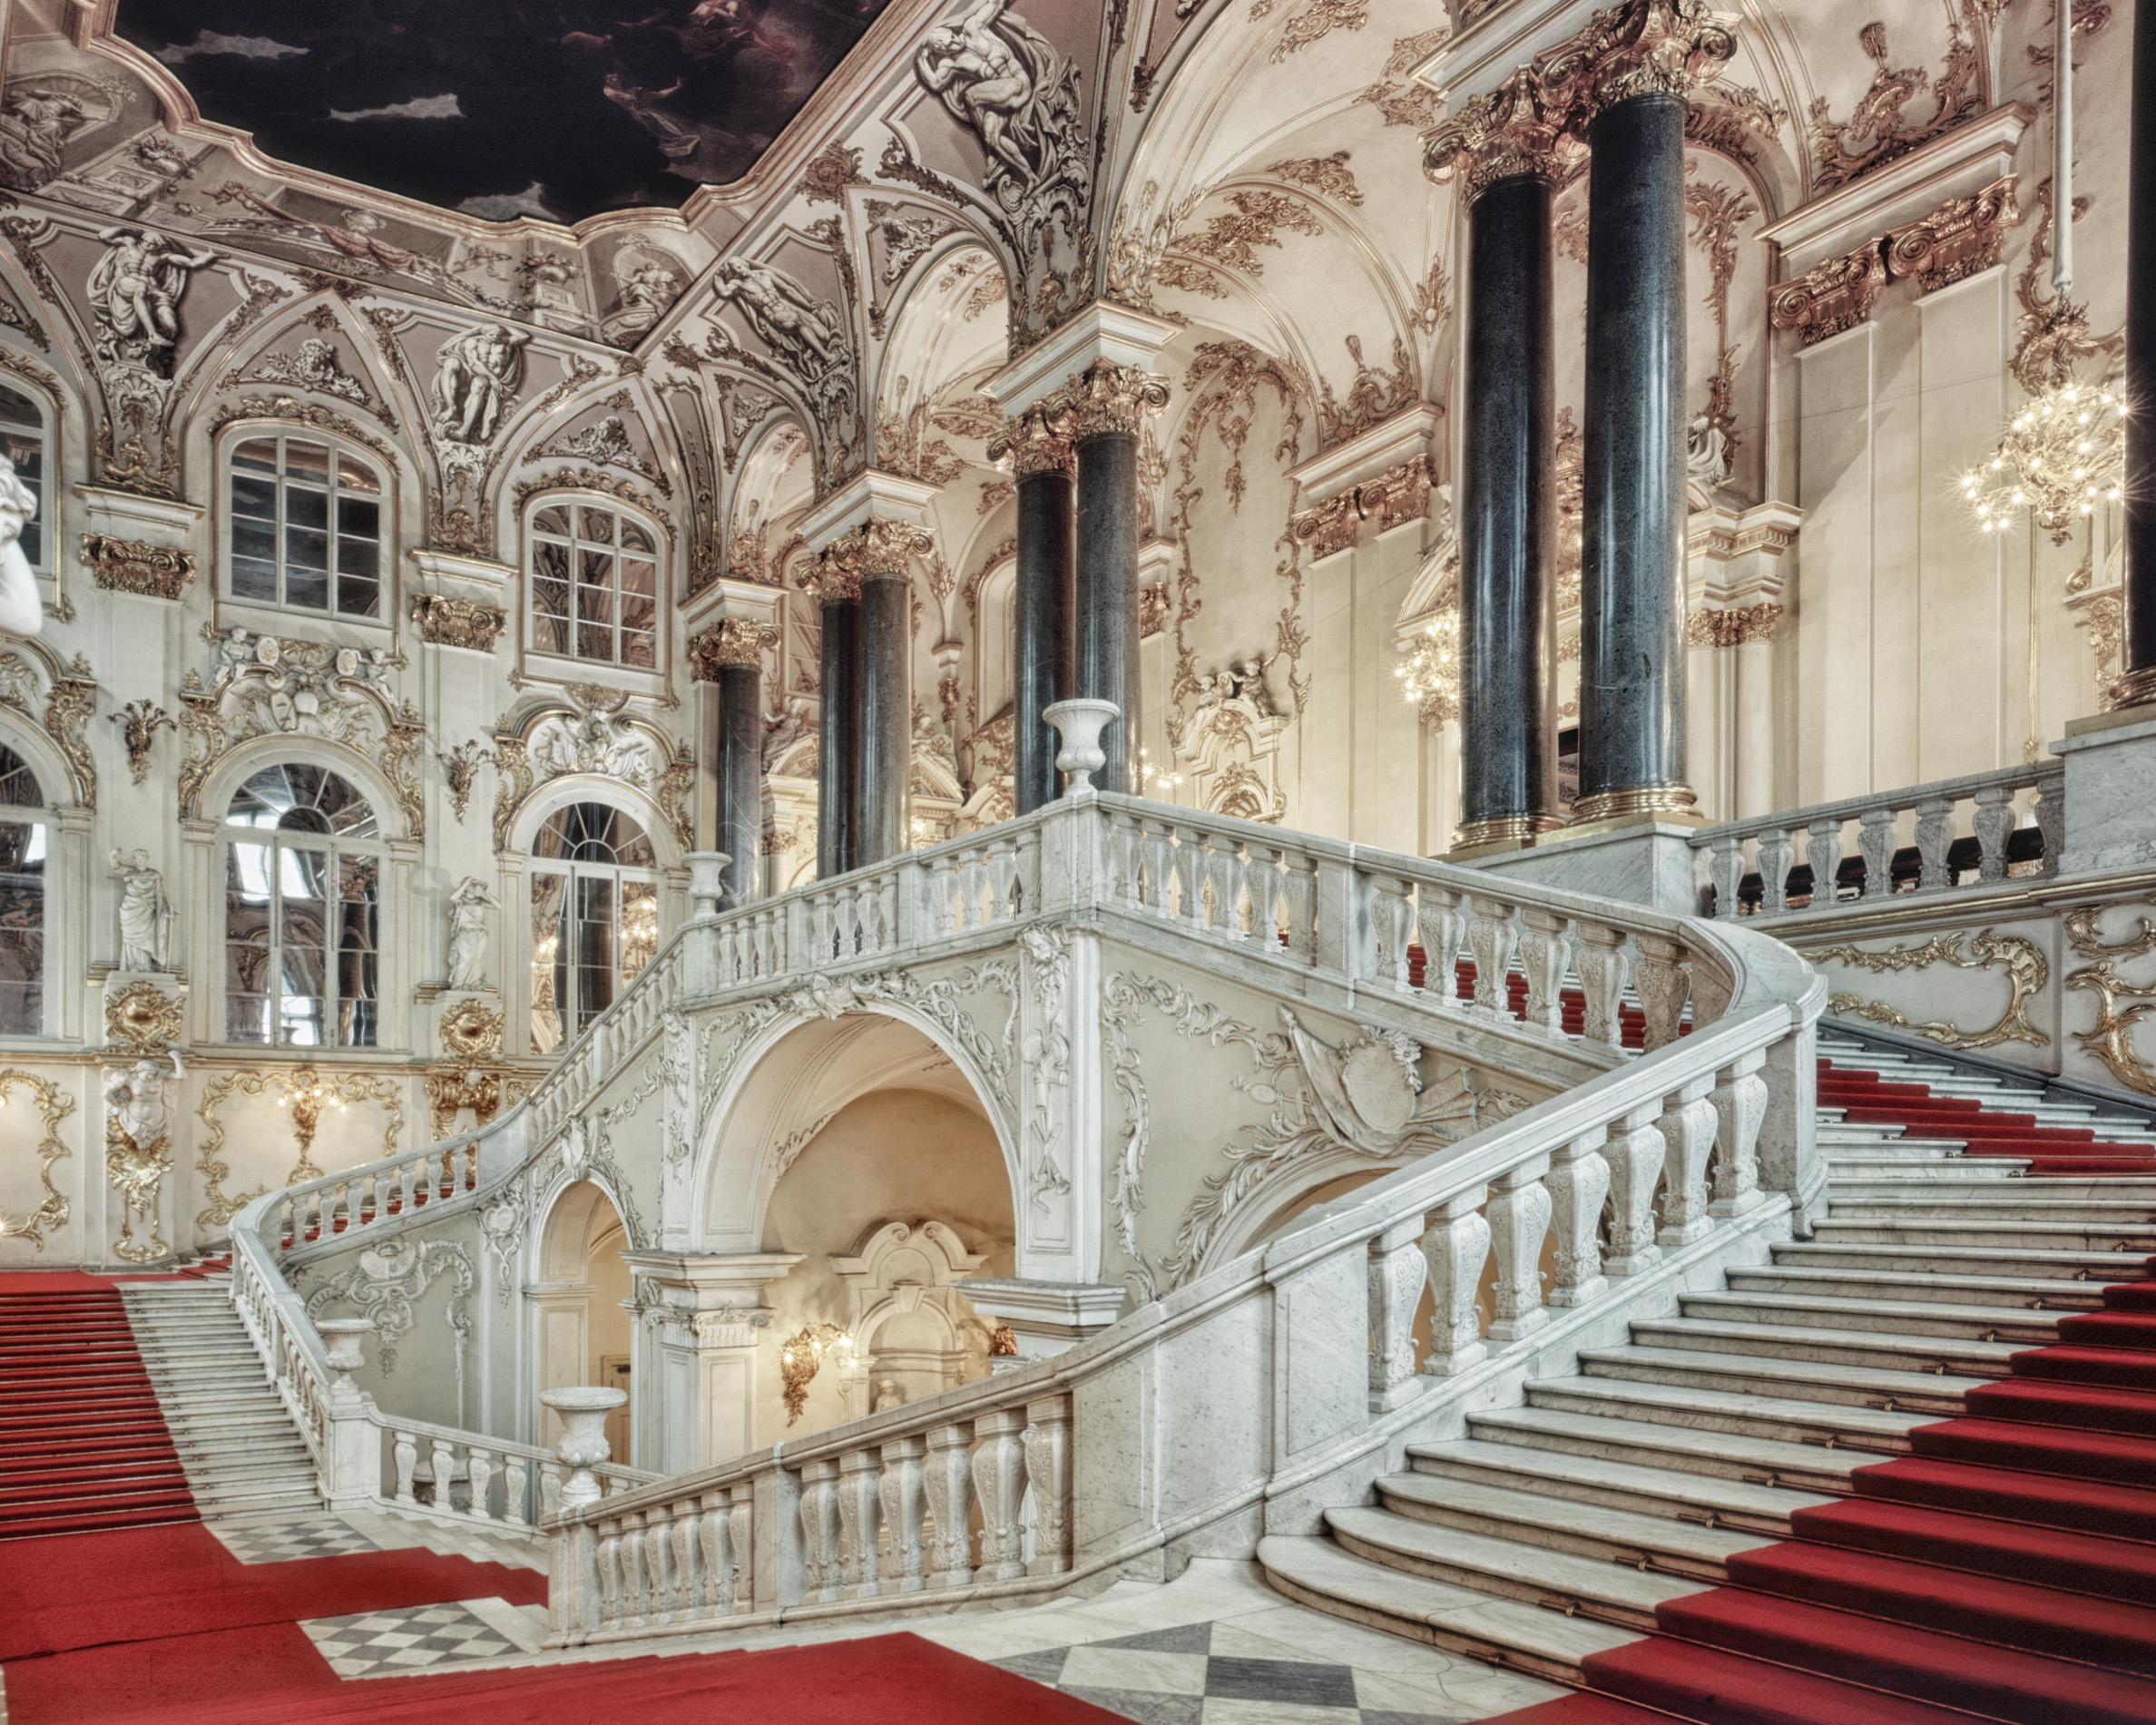 Escalier des Ambassadeurs, Musée de l'Ermitage - Saint-Pétersbourg 2008